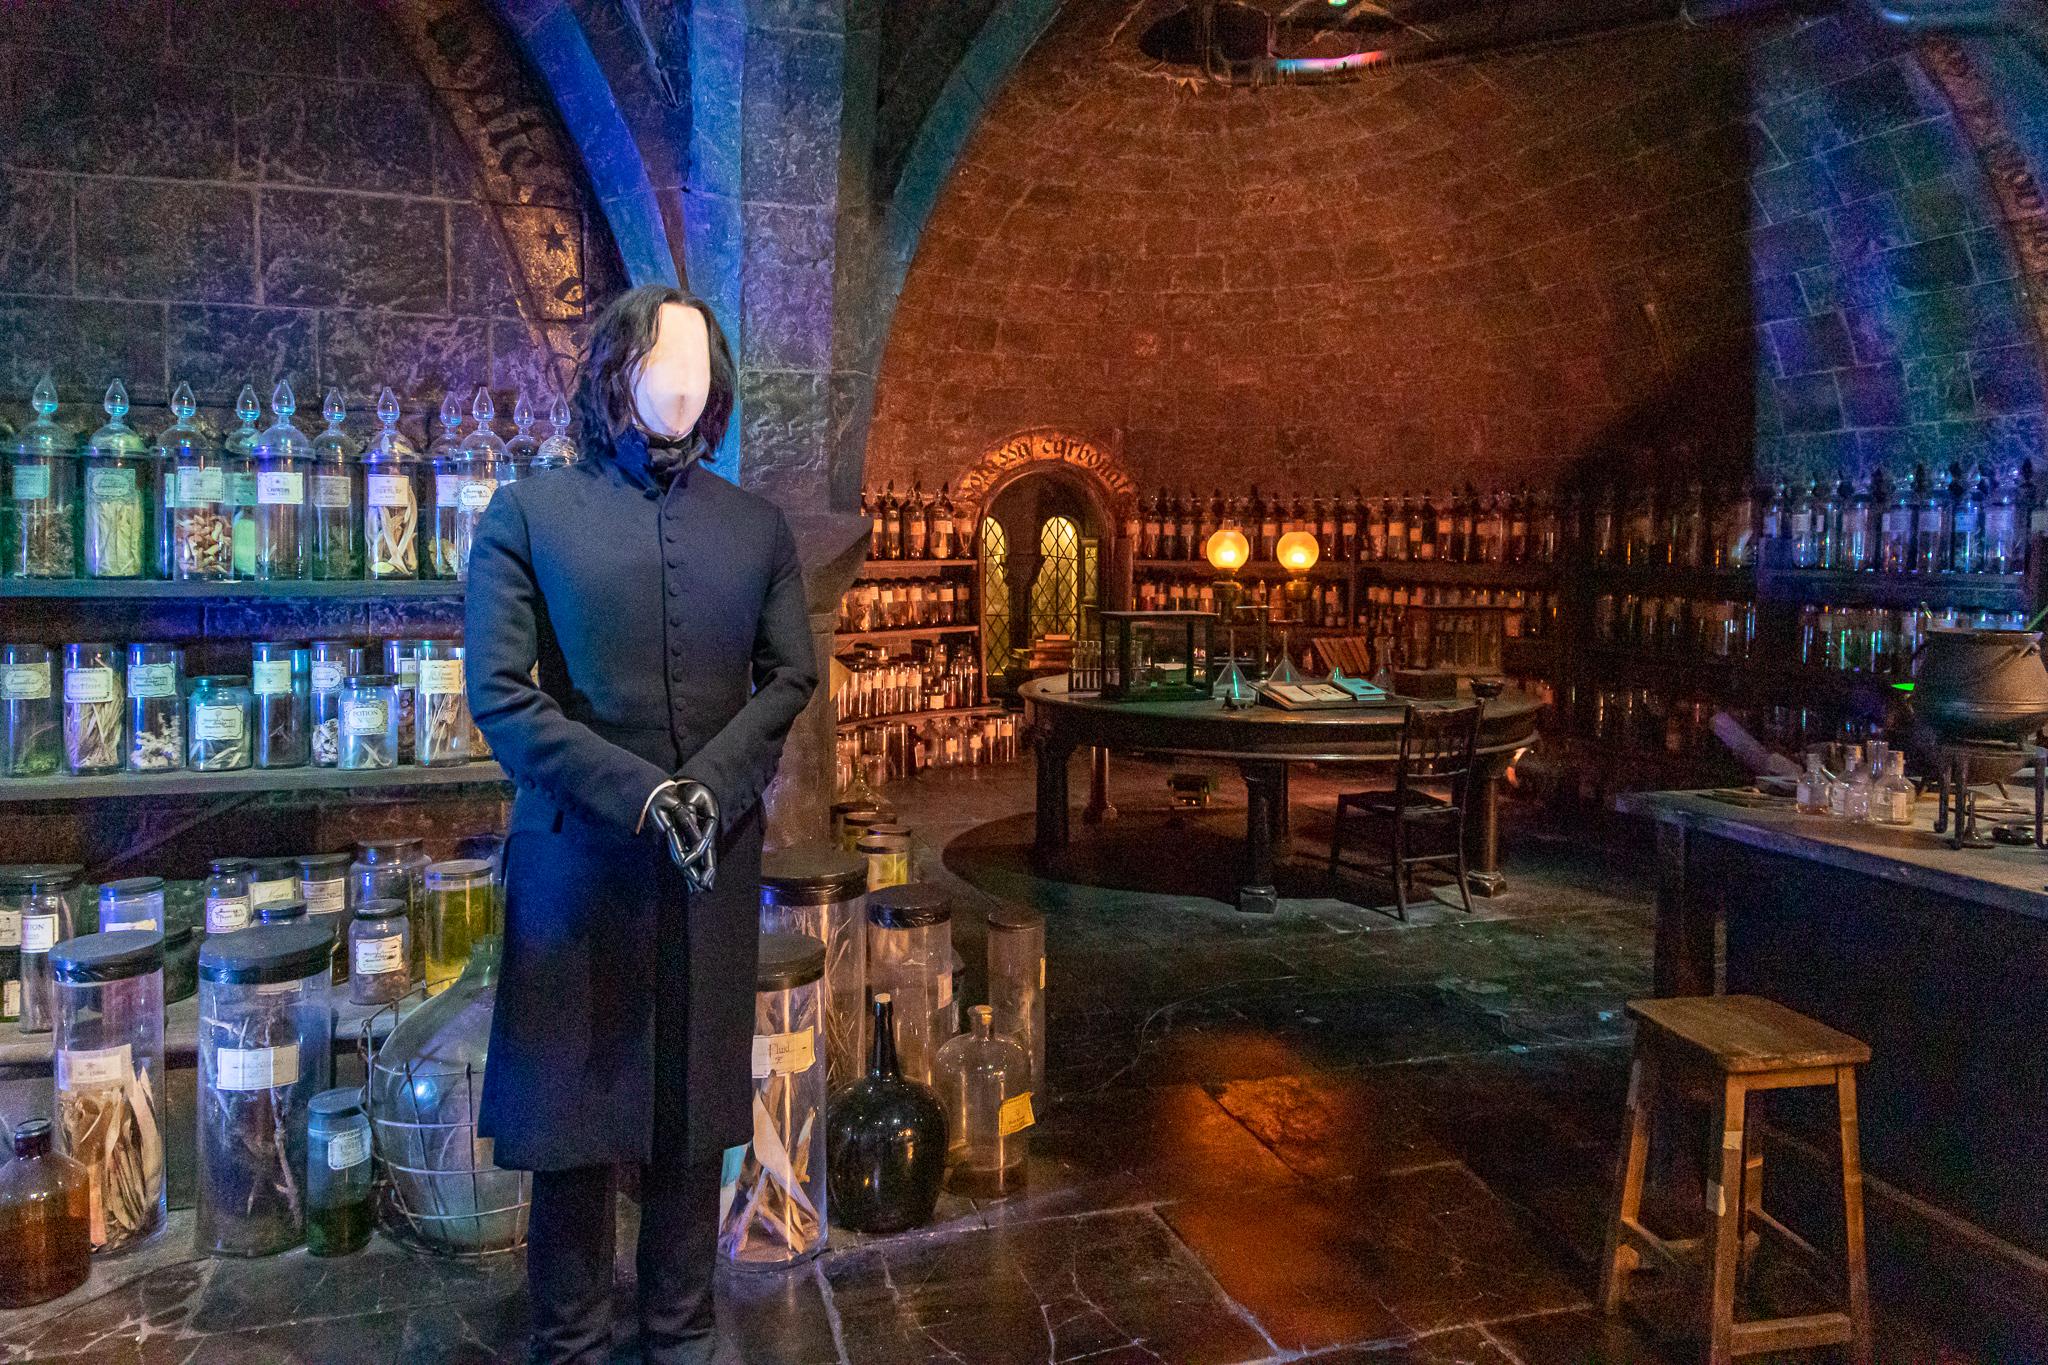 Potions and his dark arts